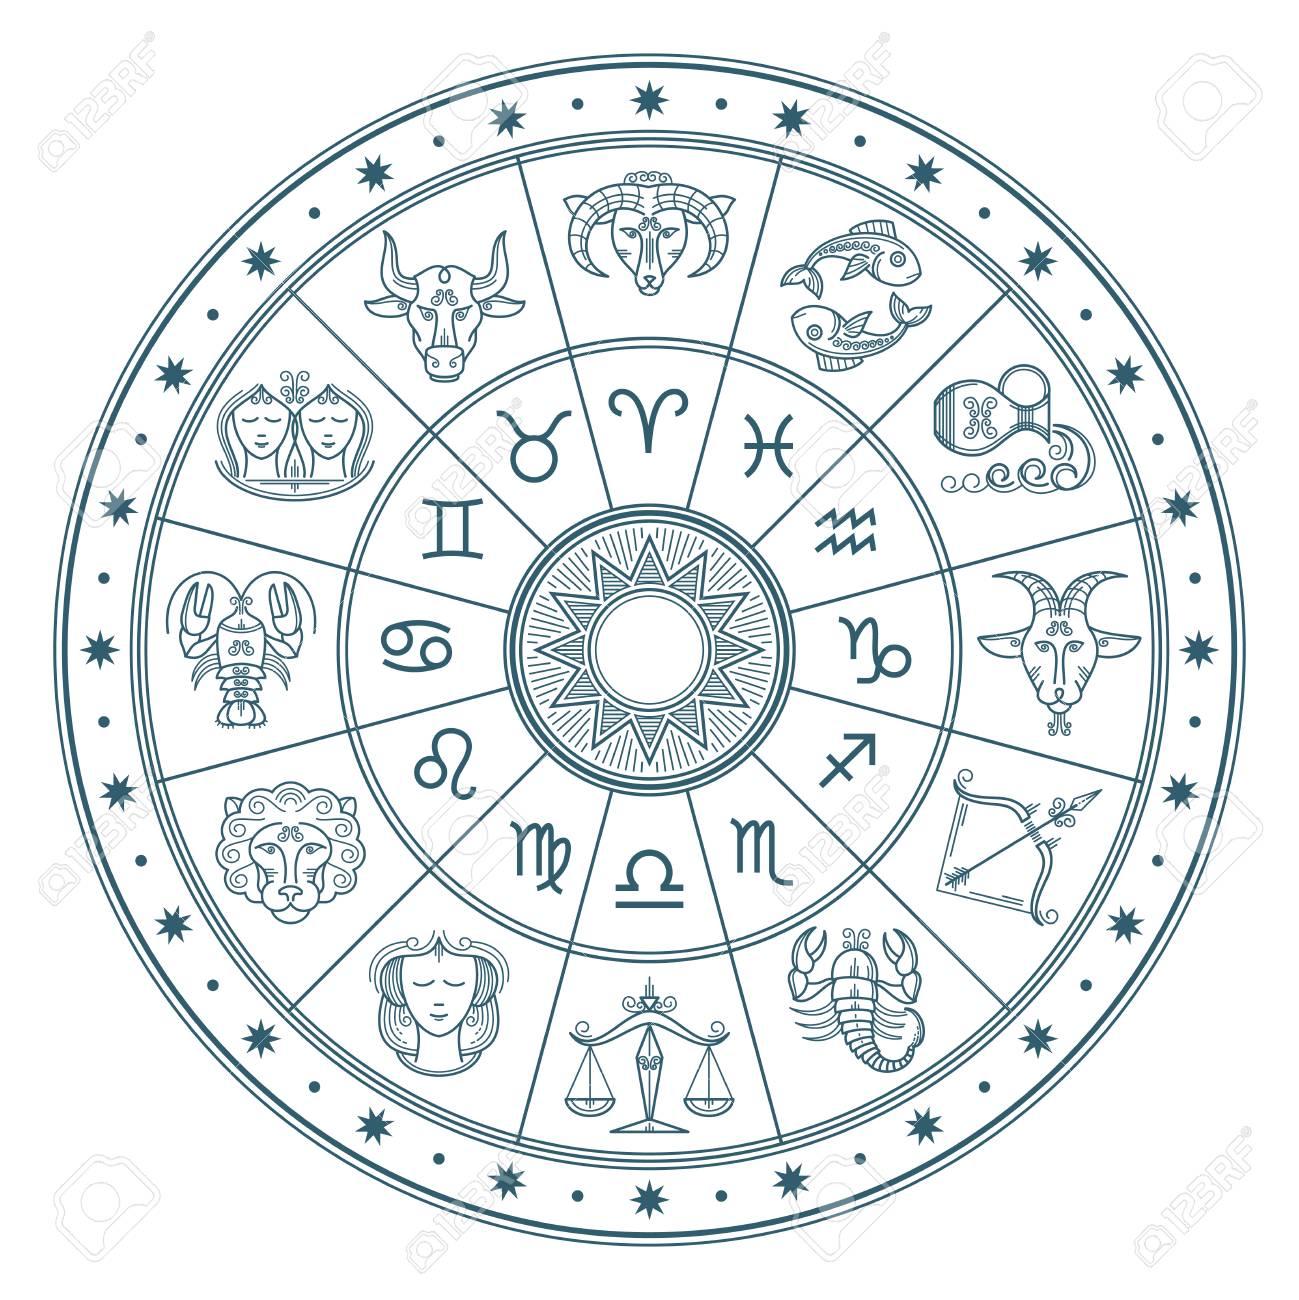 Calendario Zodiacal.El Circulo Del Horoscopo De La Astrologia Con El Zodiaco Firma El Fondo Del Vector Calendario De Horoscopo De Simbolo De Forma Coleccion